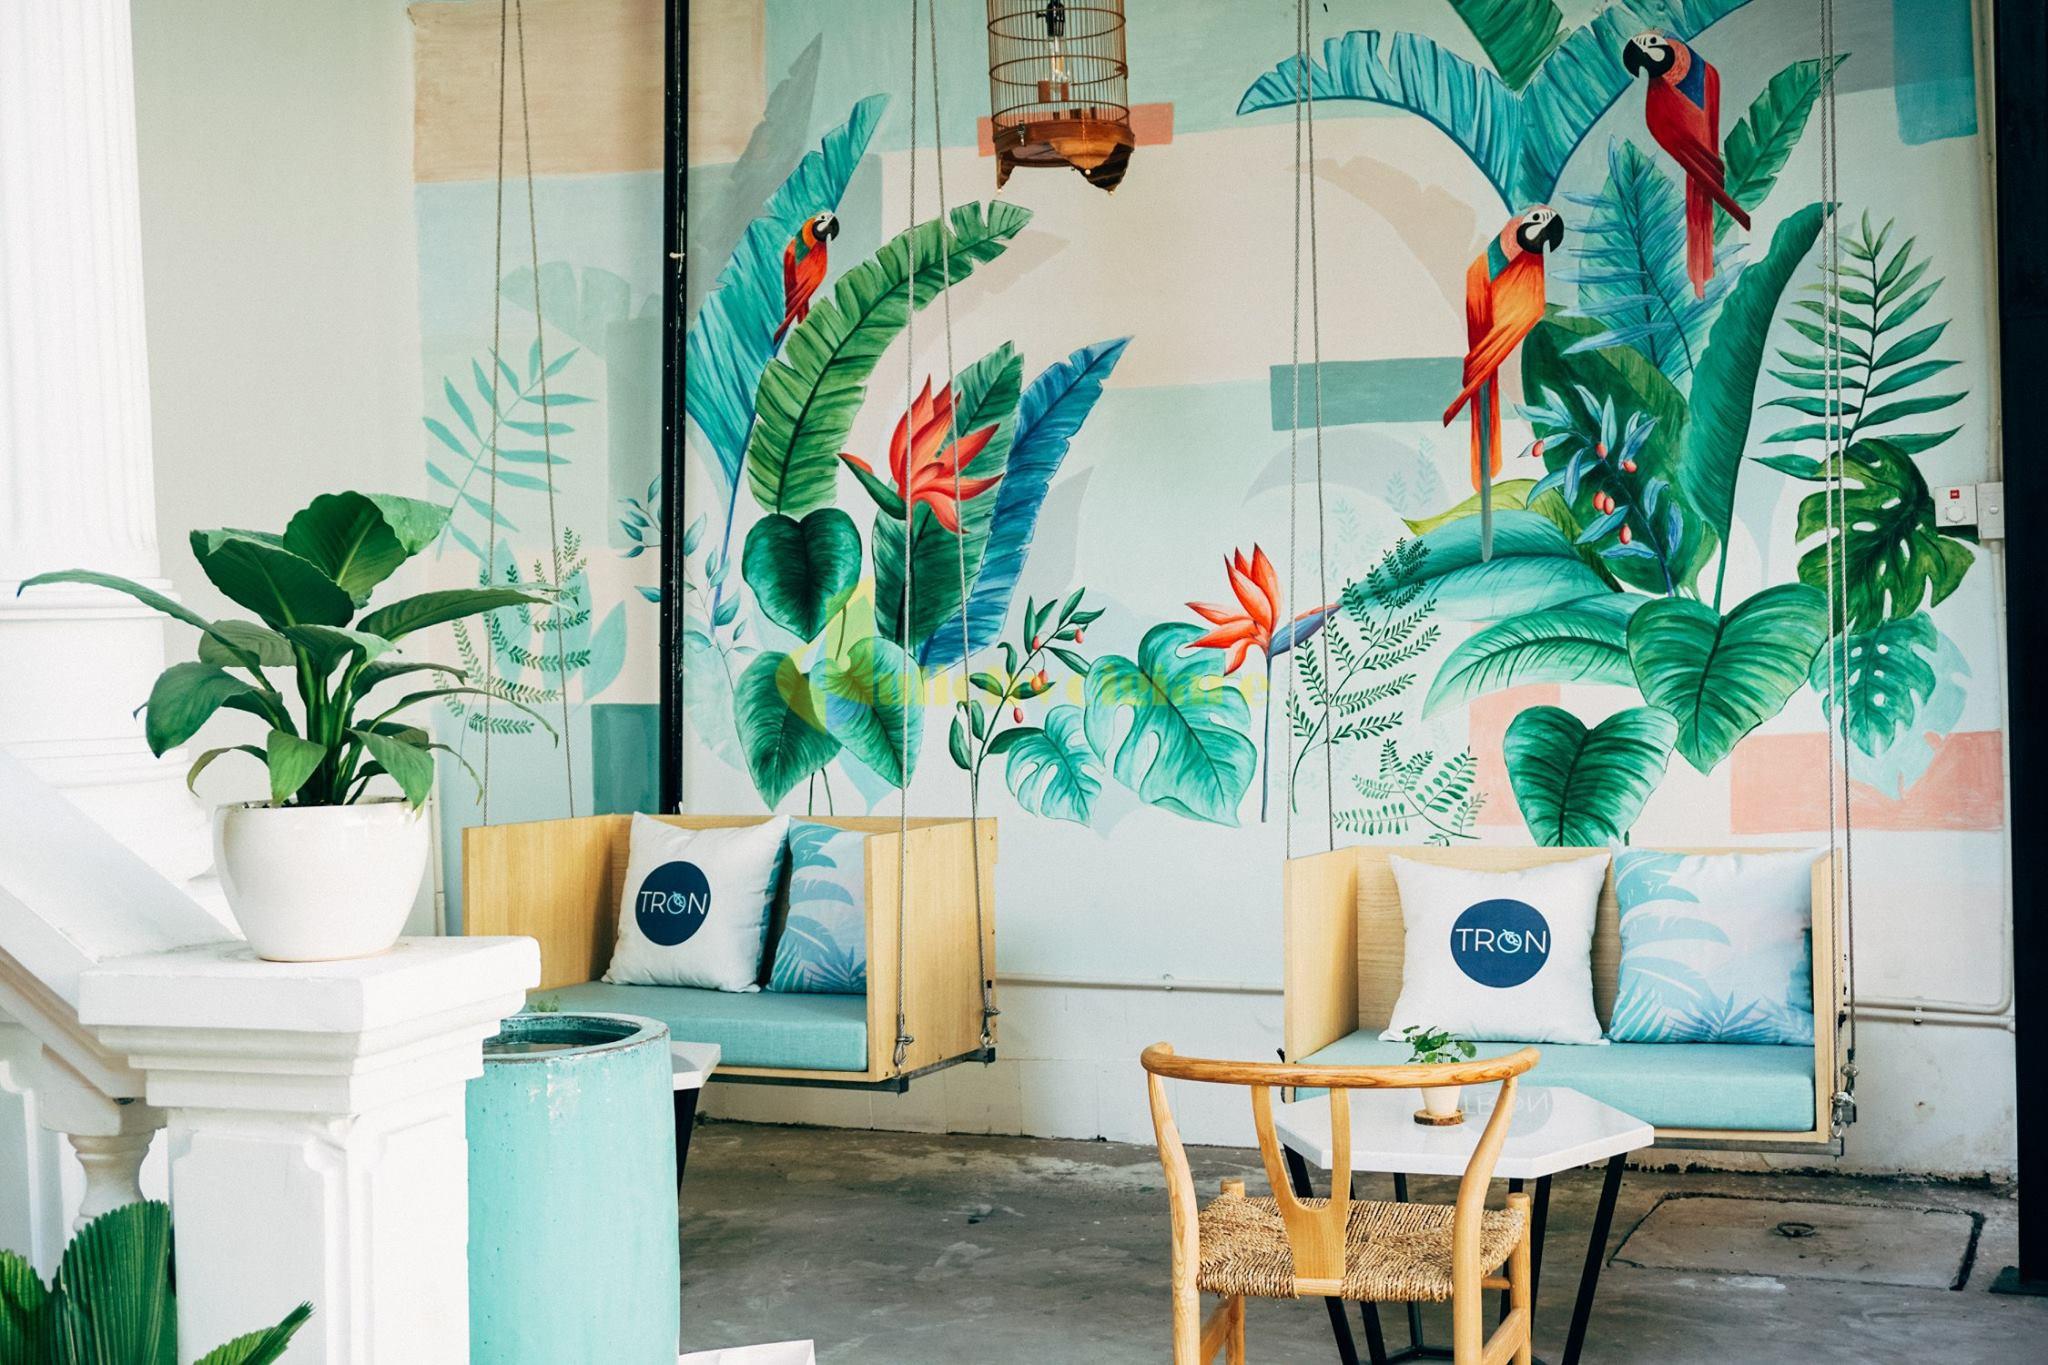 cfdep2-min-1 Check in ngay 9 quán cà phê đẹp ở Sài Gòn đang là địa điểm sống ảo hot nhất hiện nay.